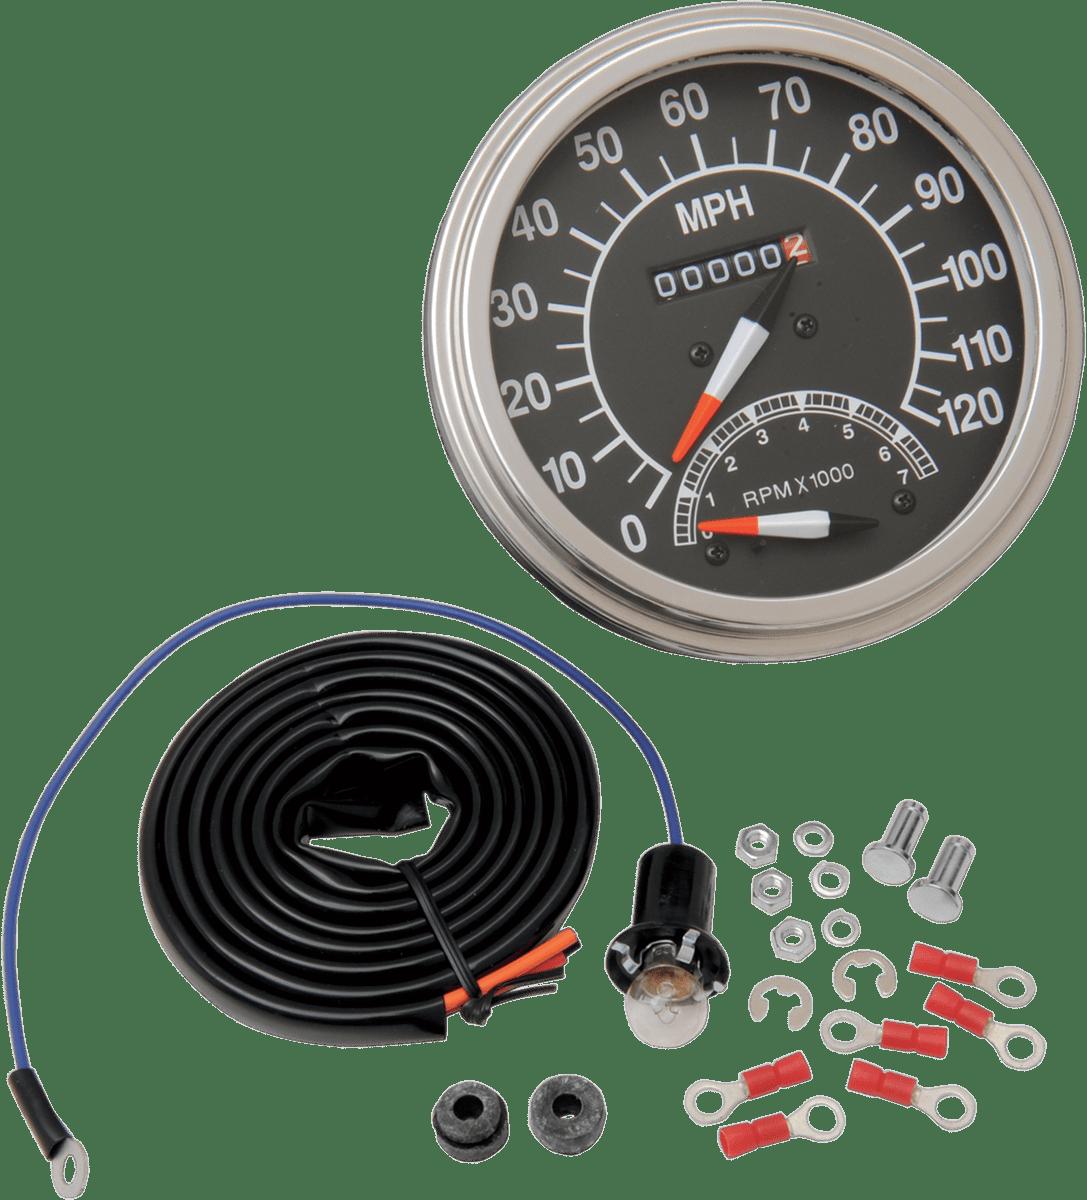 hight resolution of fx wiring diagram tach wiring schematic diagram 42 lautmaschine comfx wiring diagram tach wiring schematic diagram